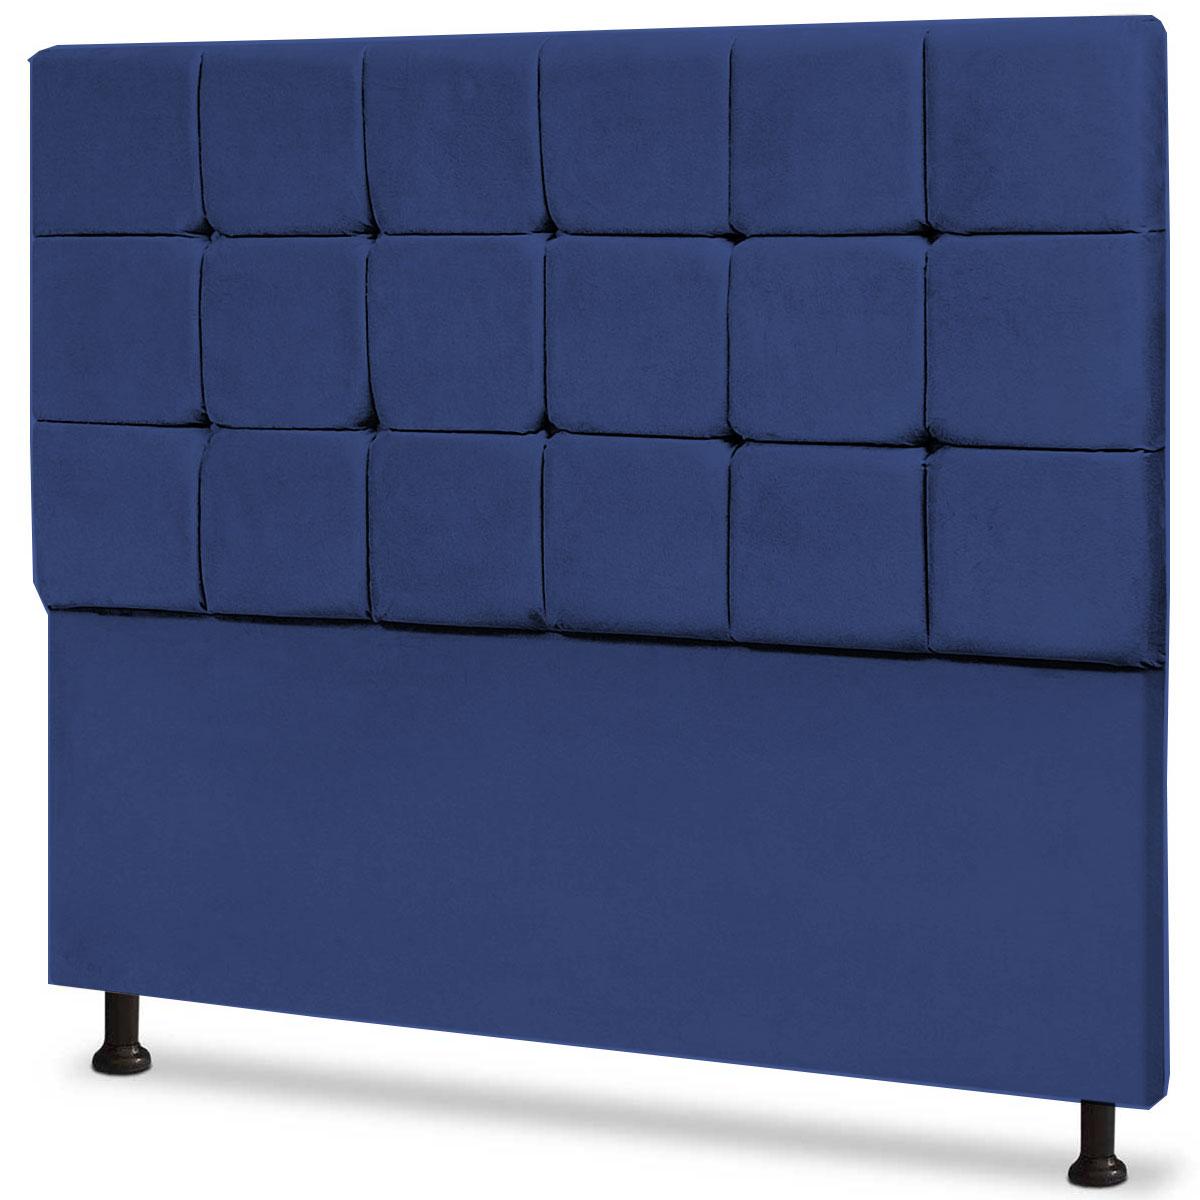 Cabeceira Casal Estofada Espanha 140 cm Animale Azul